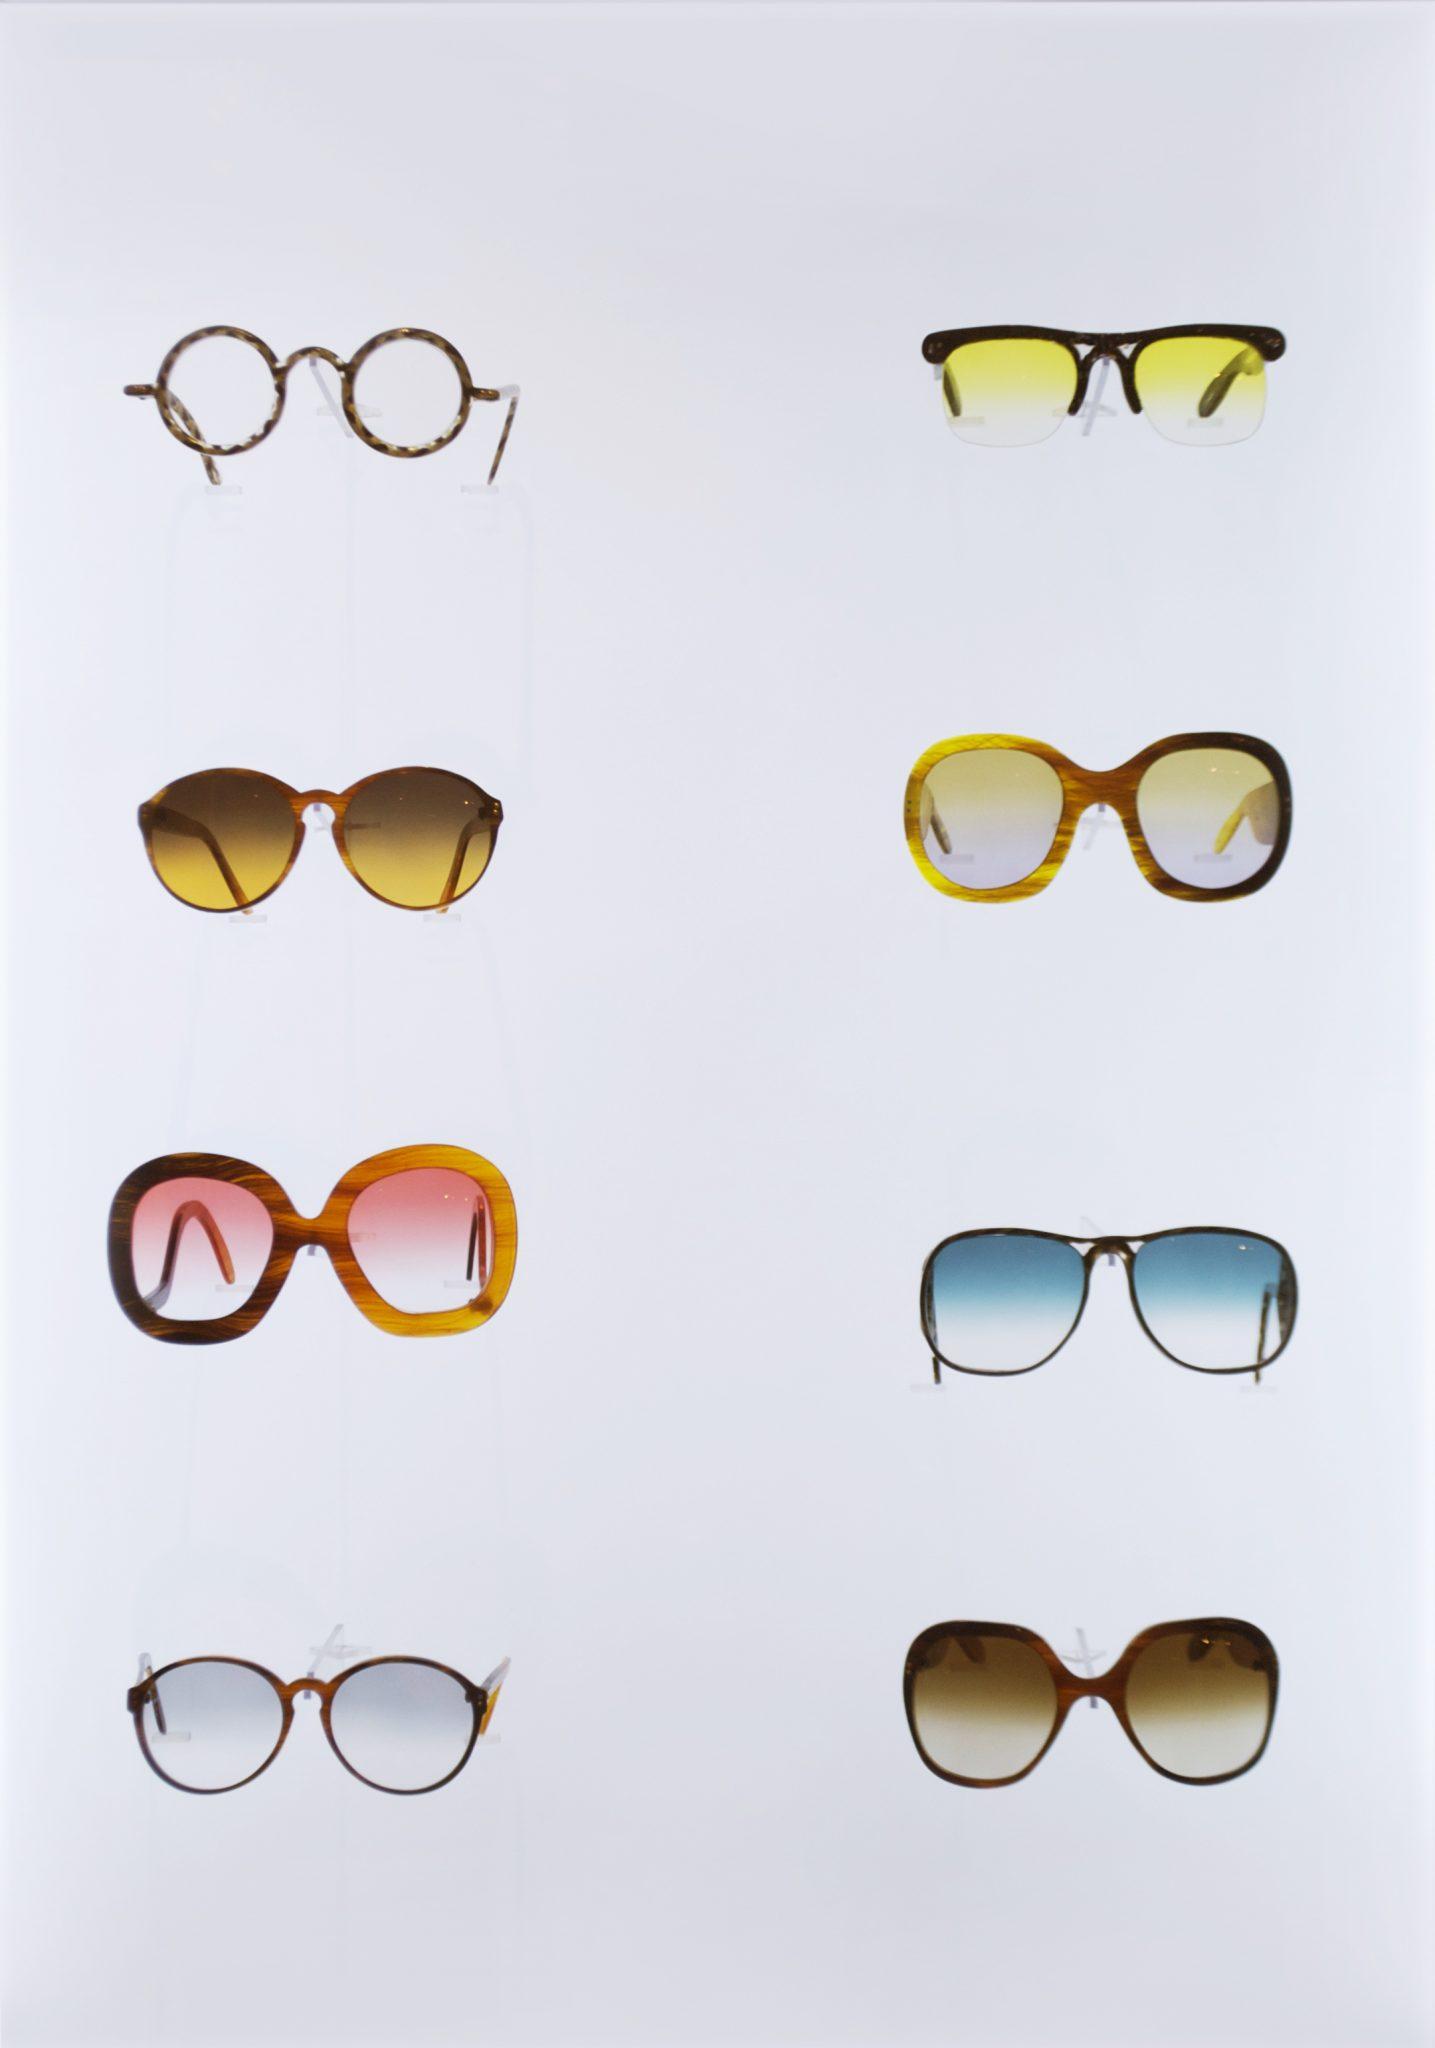 6be09f43af8 Articles about eyeglasses frames. Archives